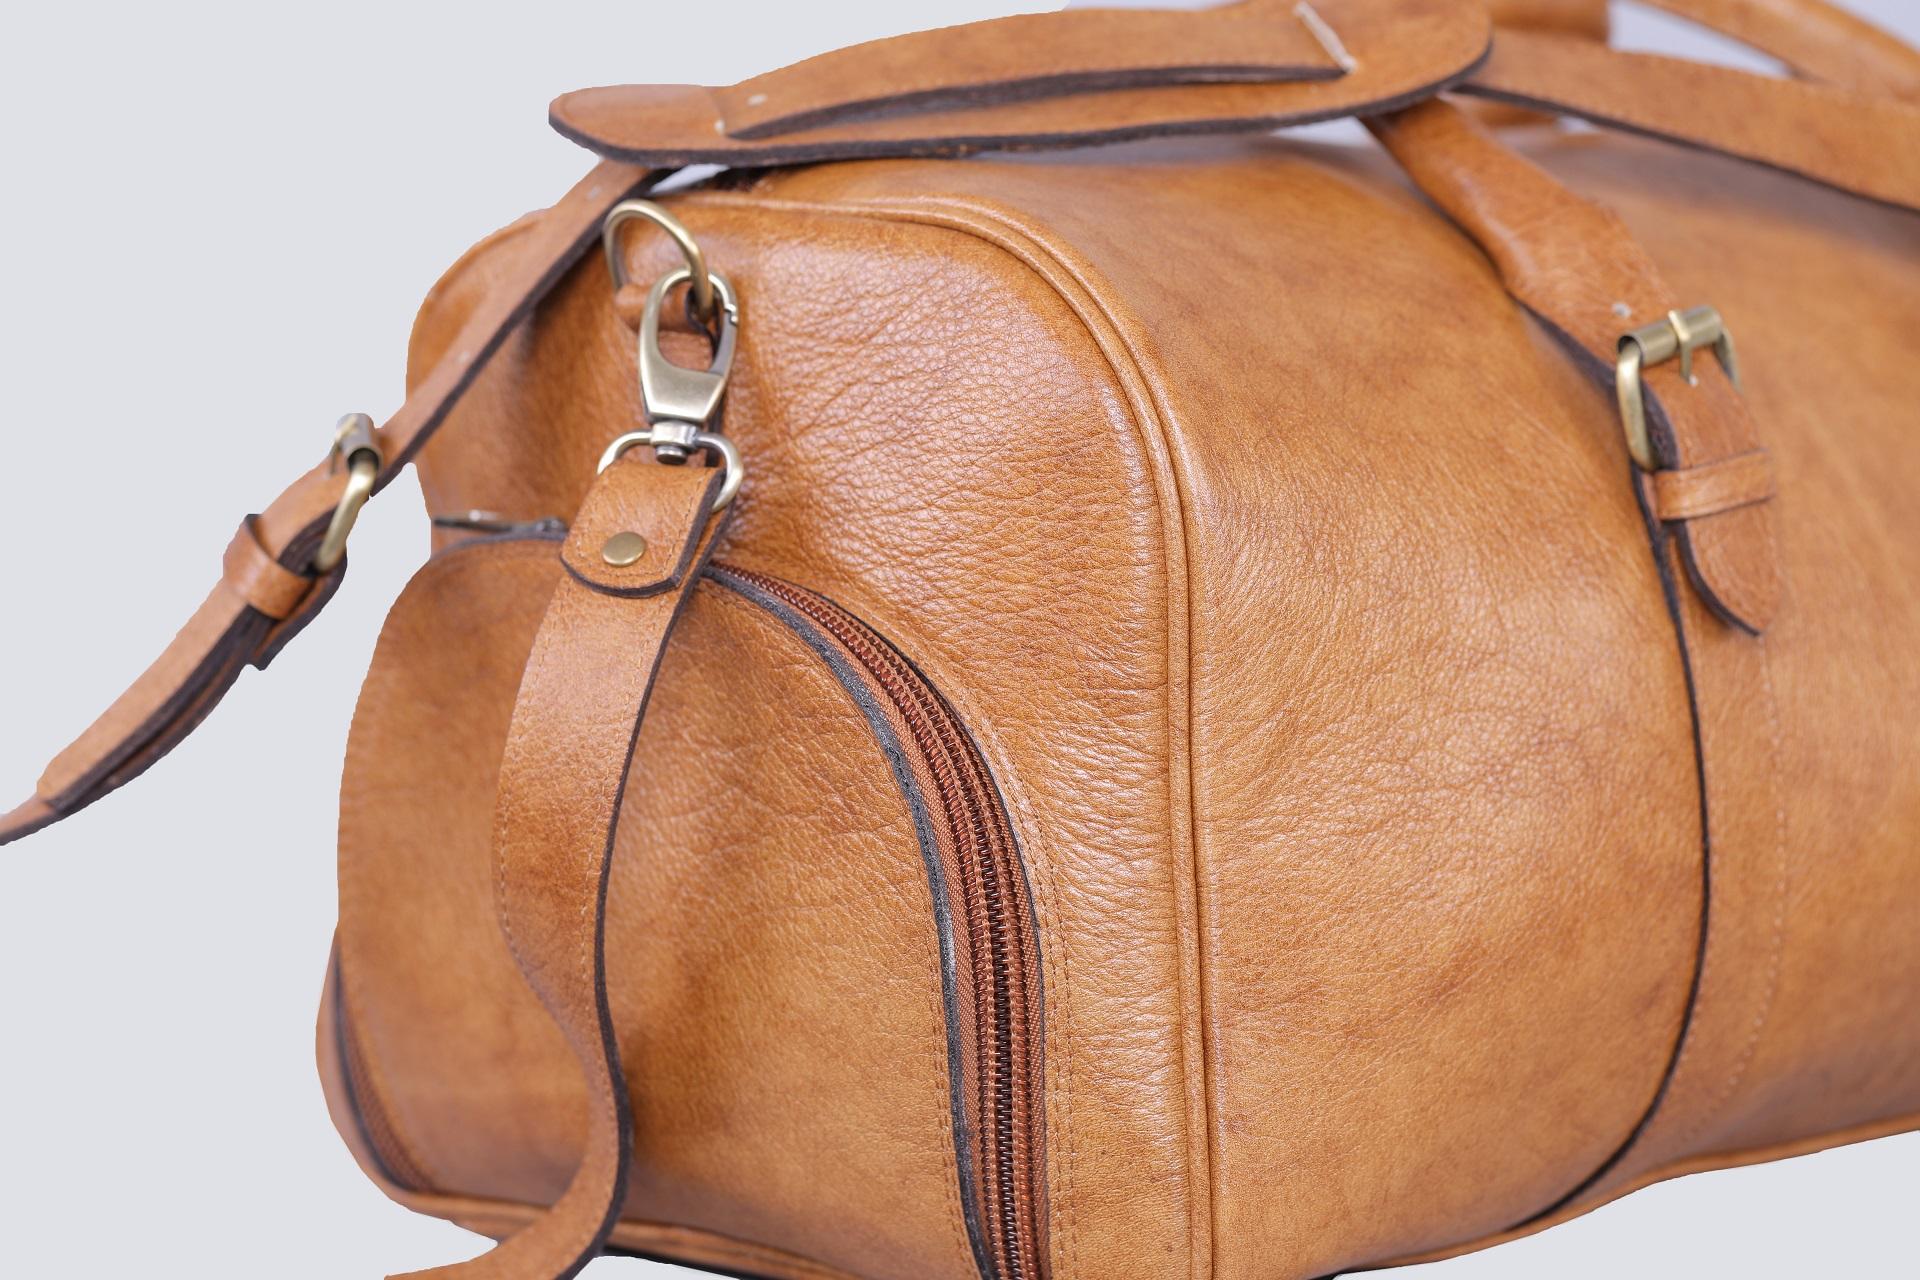 The Partner travel bag